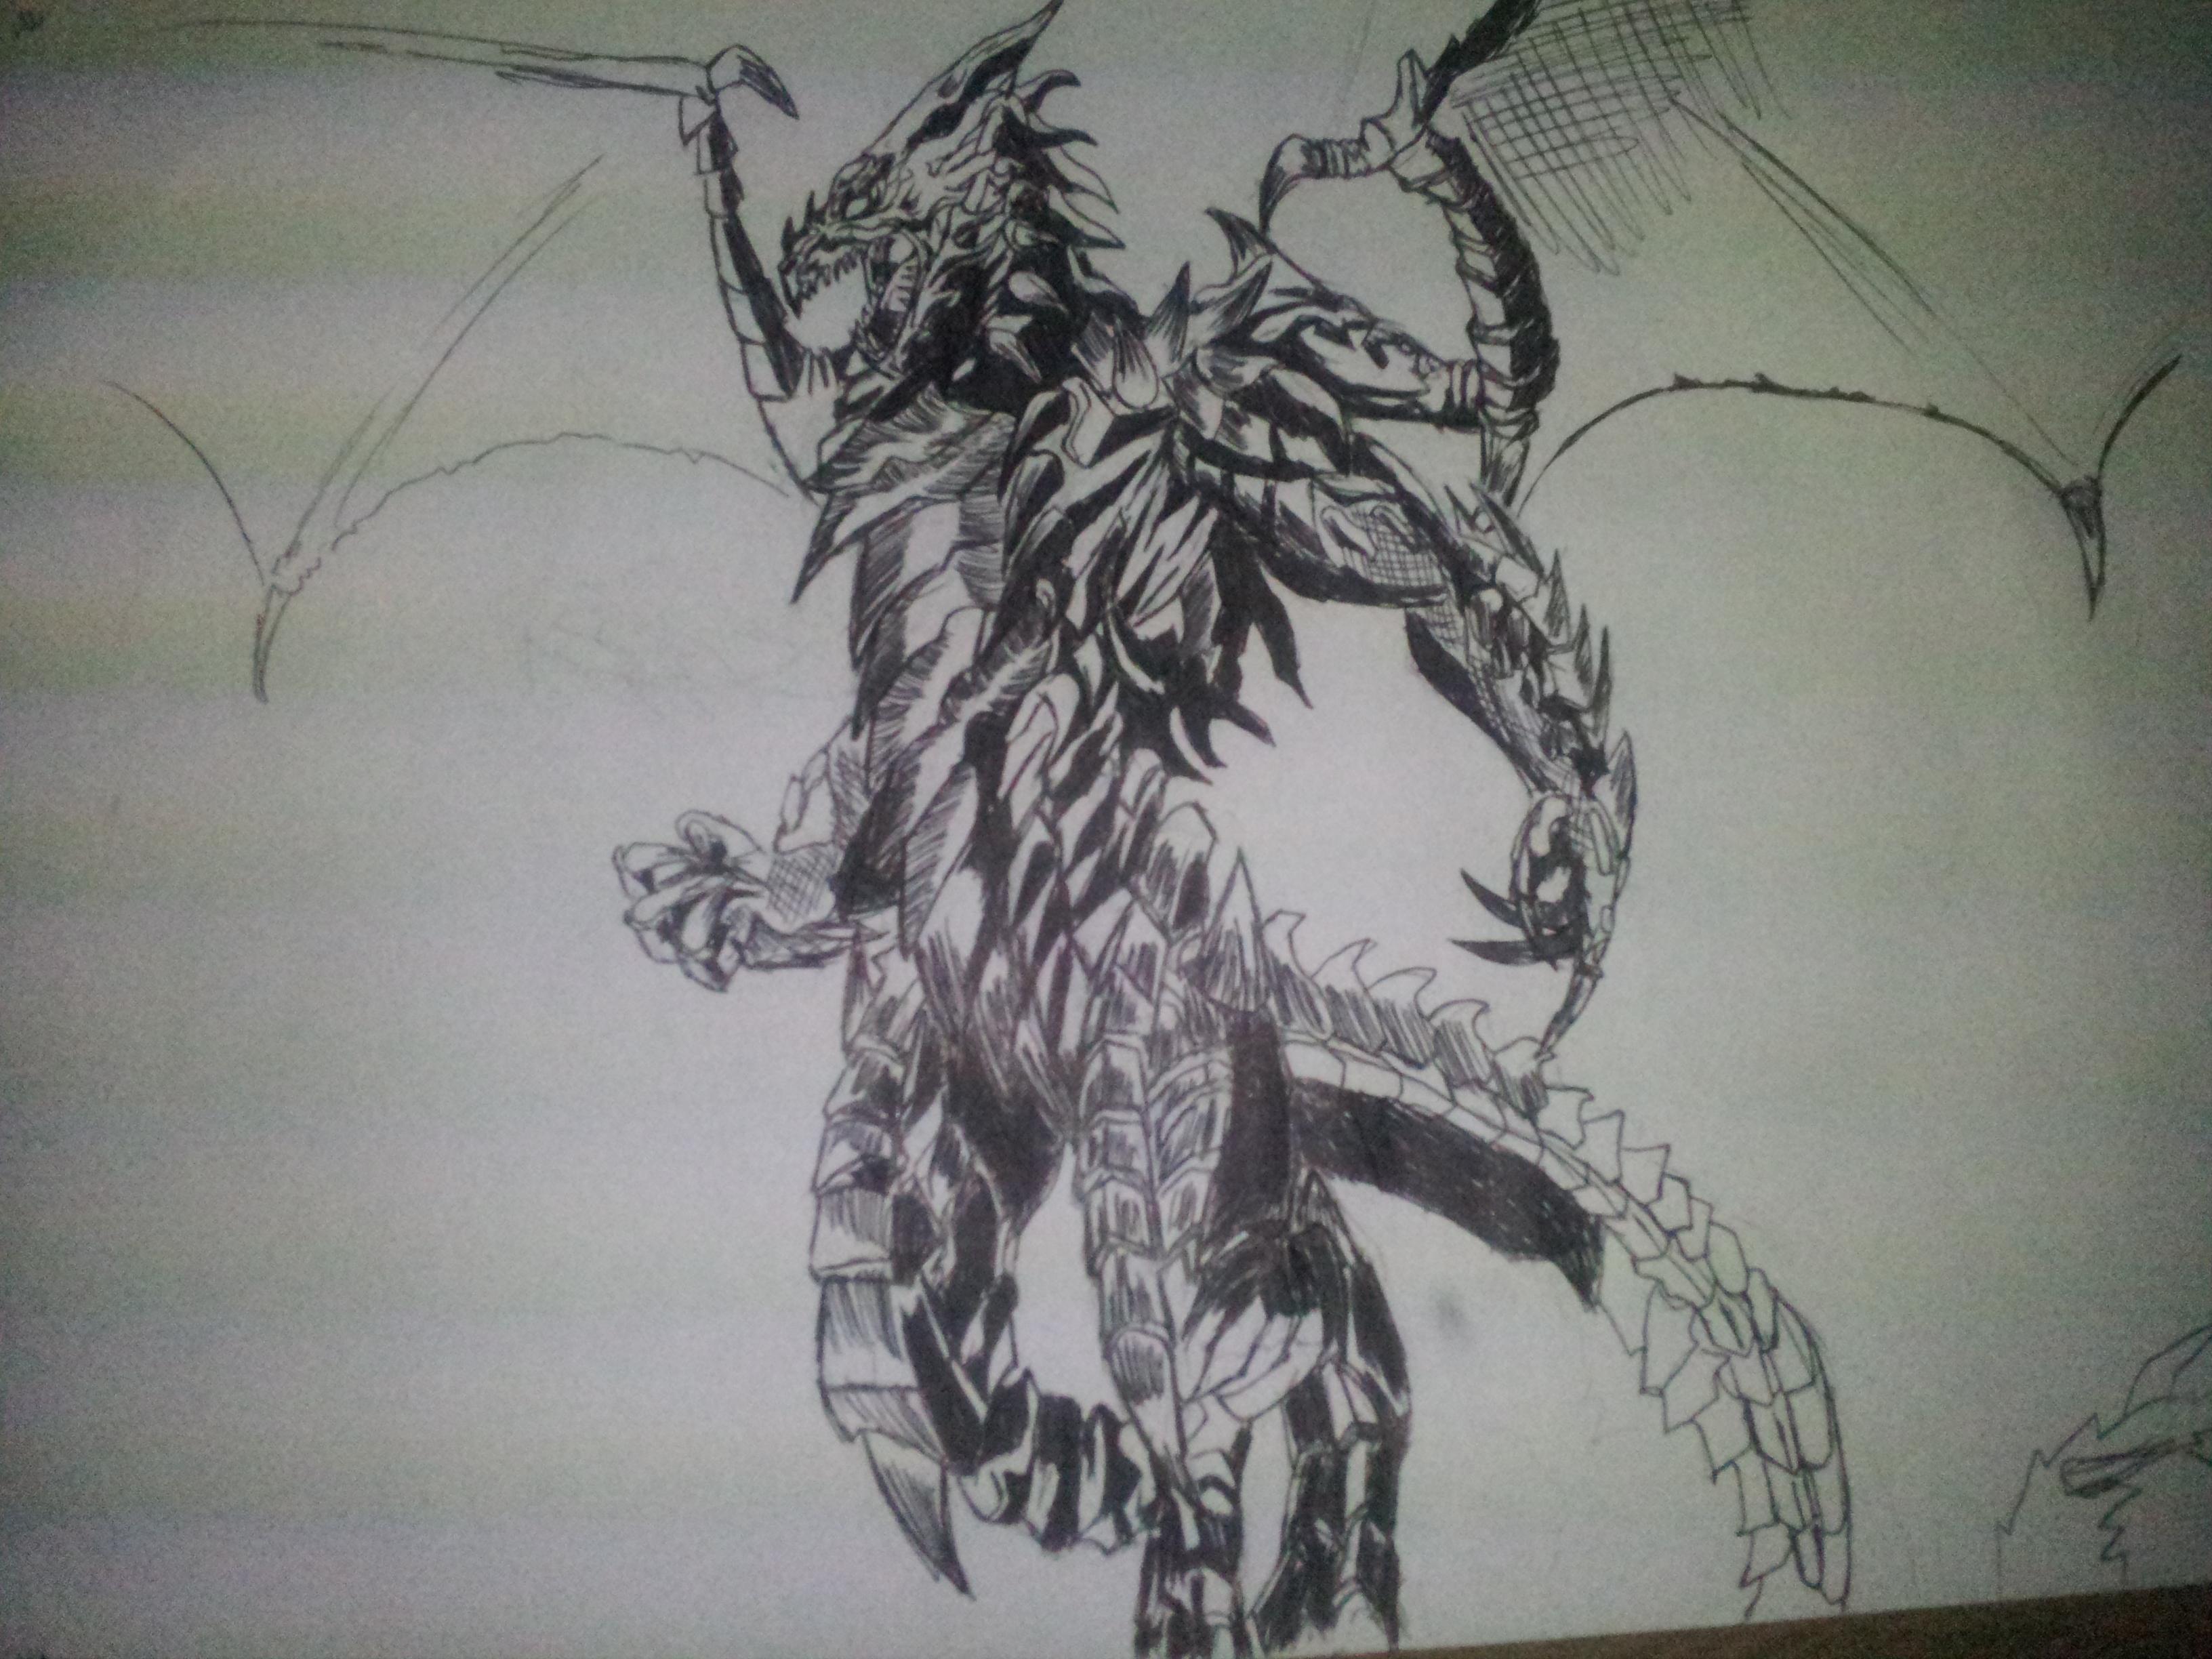 MLP BeastVerse Stories by Darkimus-Primal on DeviantArt